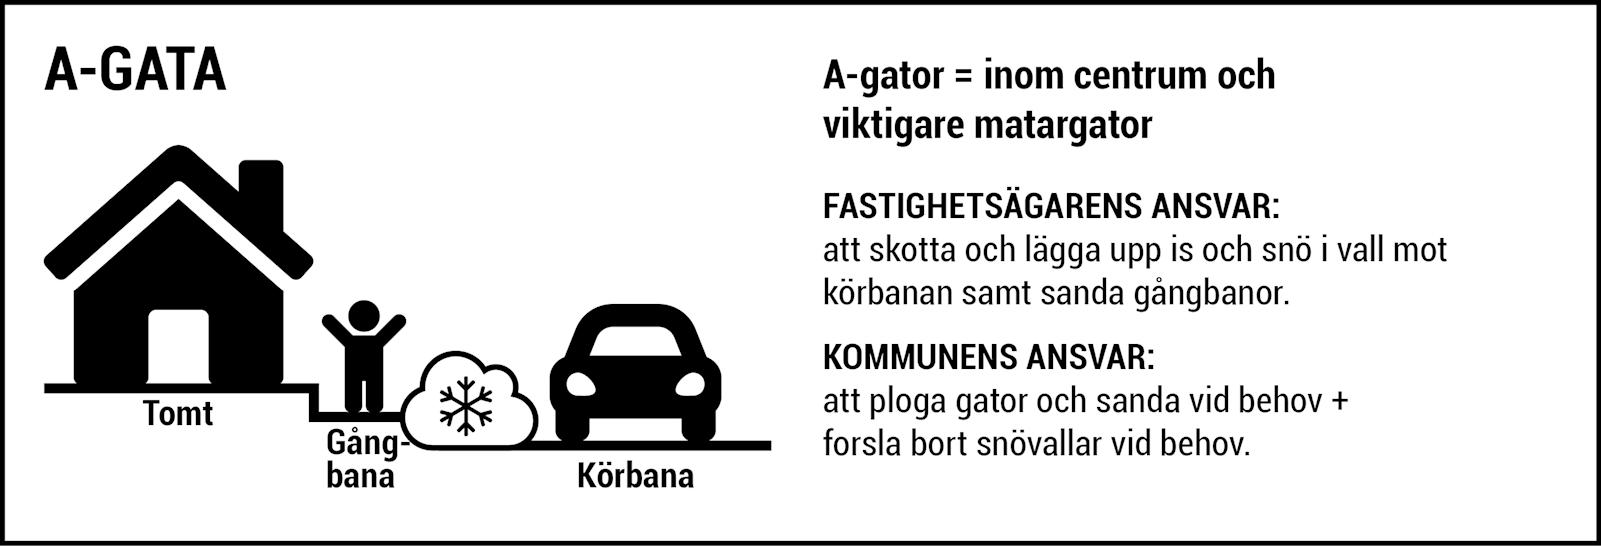 A-gator = inom centrum och viktigare matargator